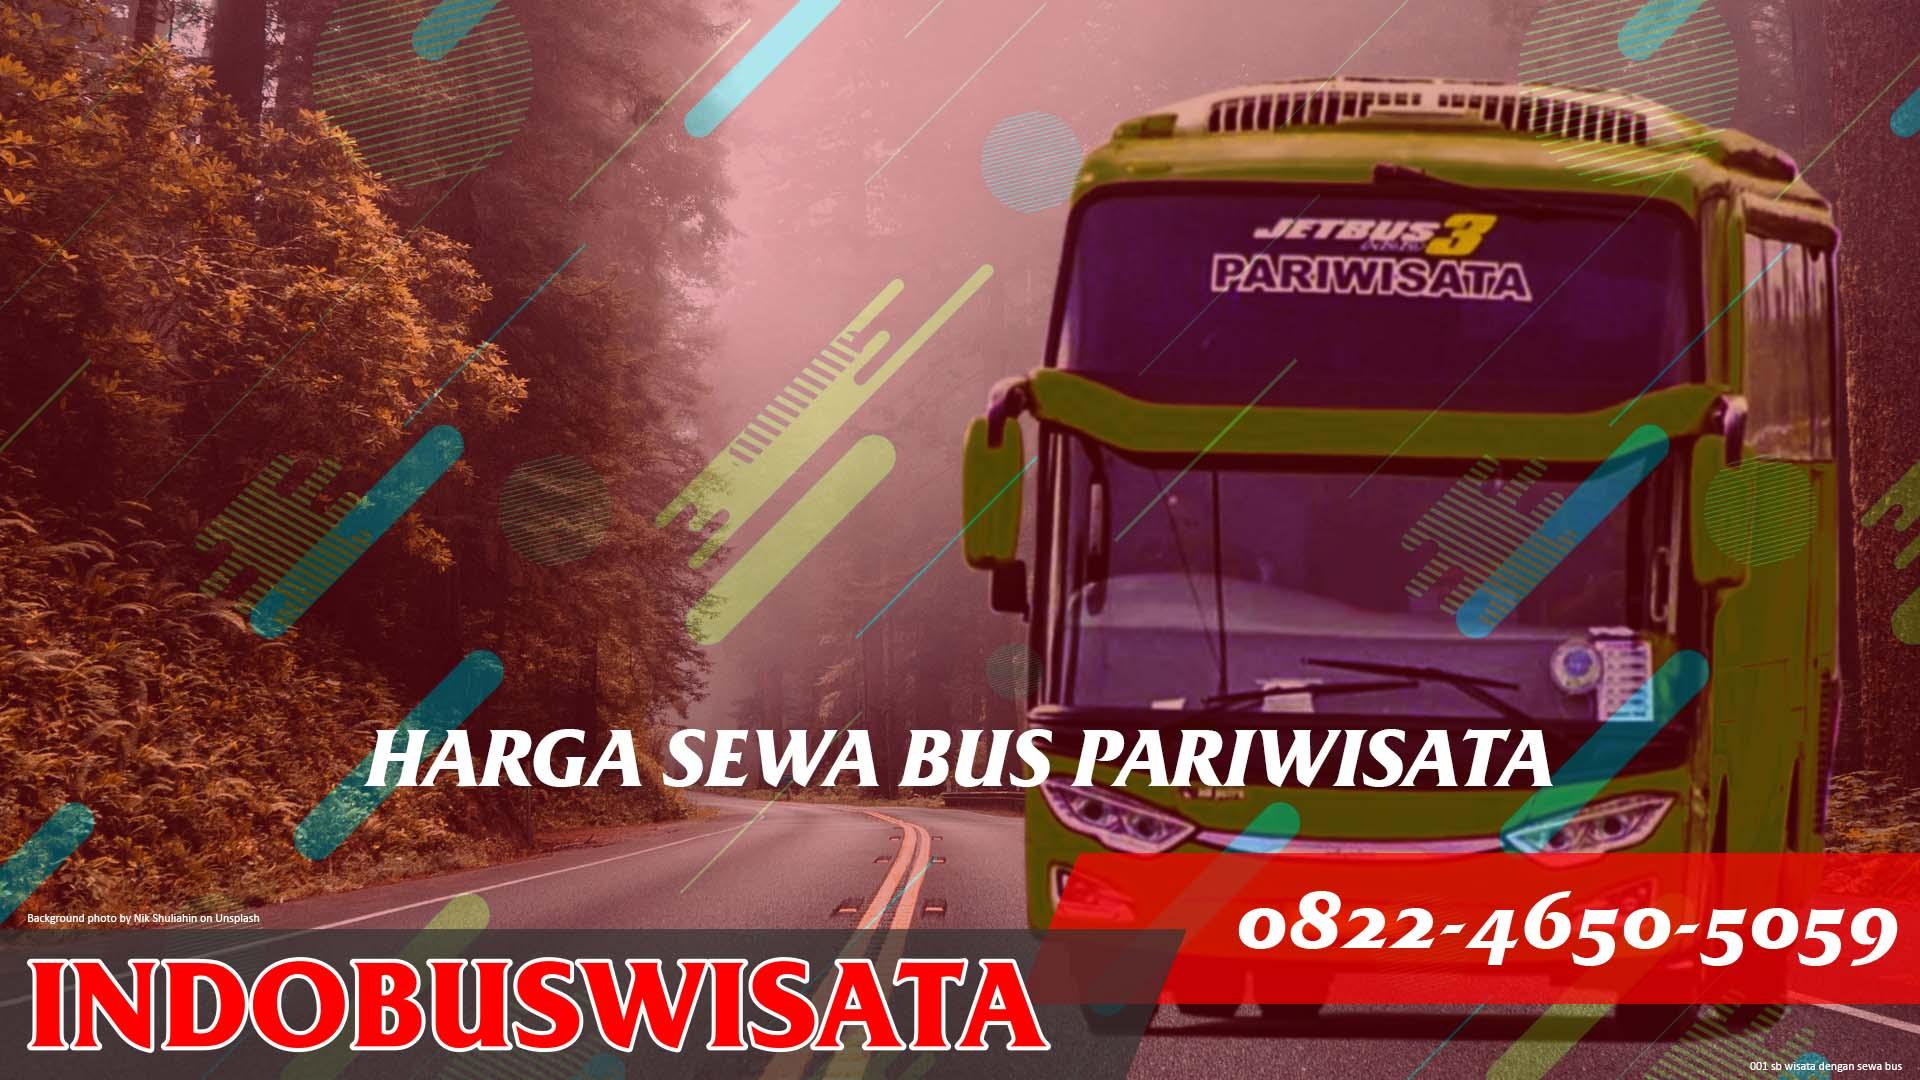 Harga Sewa Bus Pariwisata Jetbus 3 Indobuswisata